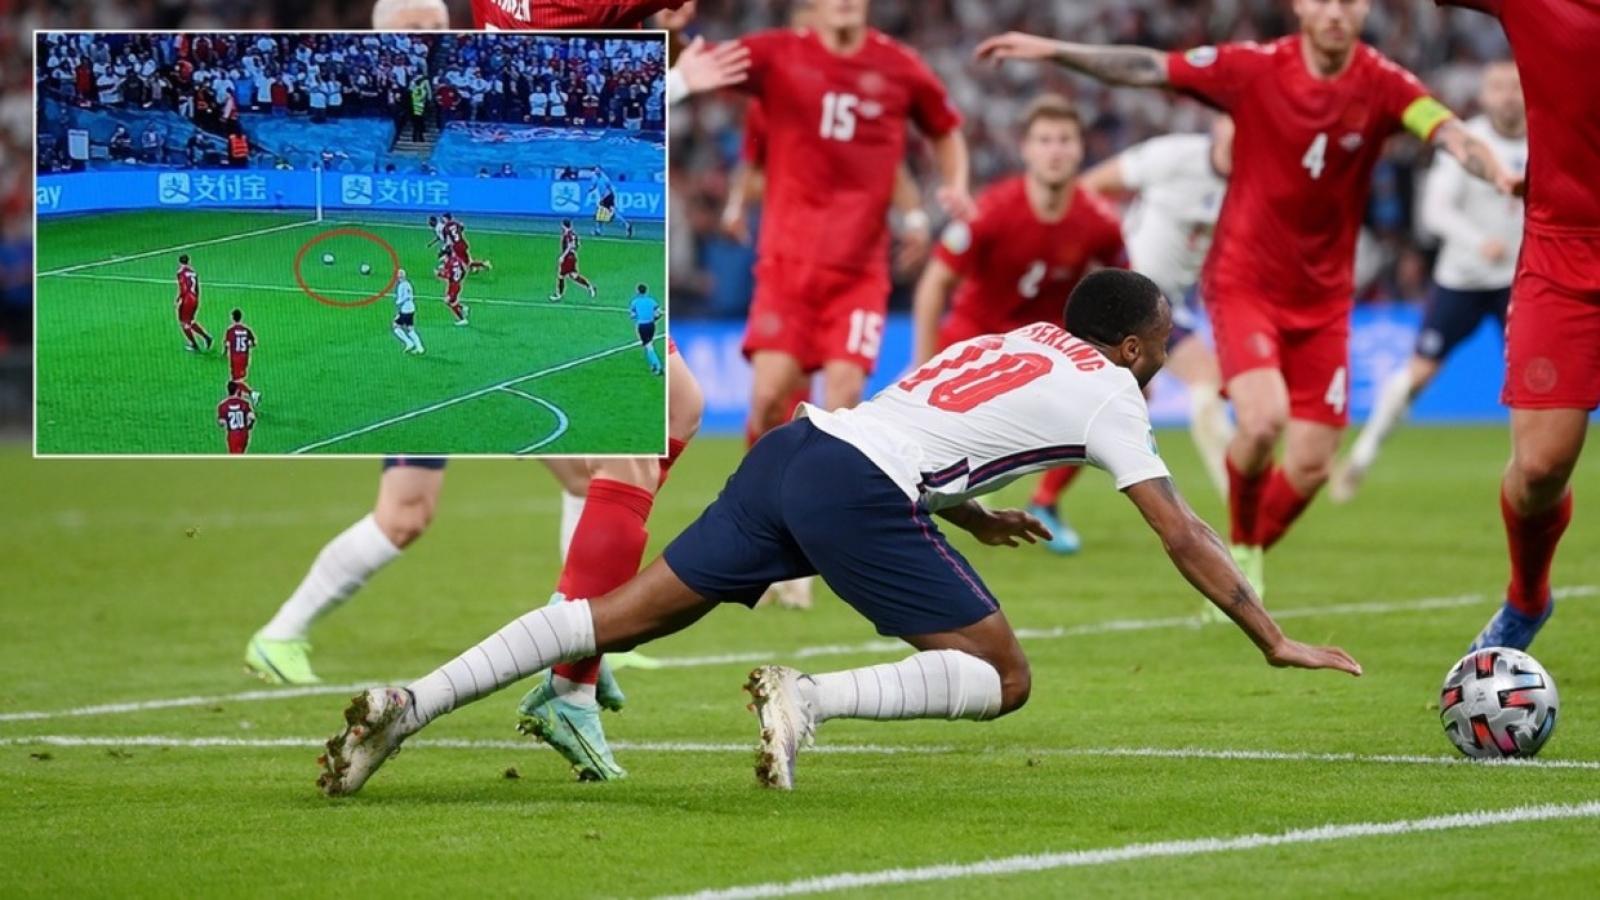 Cận cảnh: Quả penalty gây tranh cãi giúp Anh thắng Đan Mạch